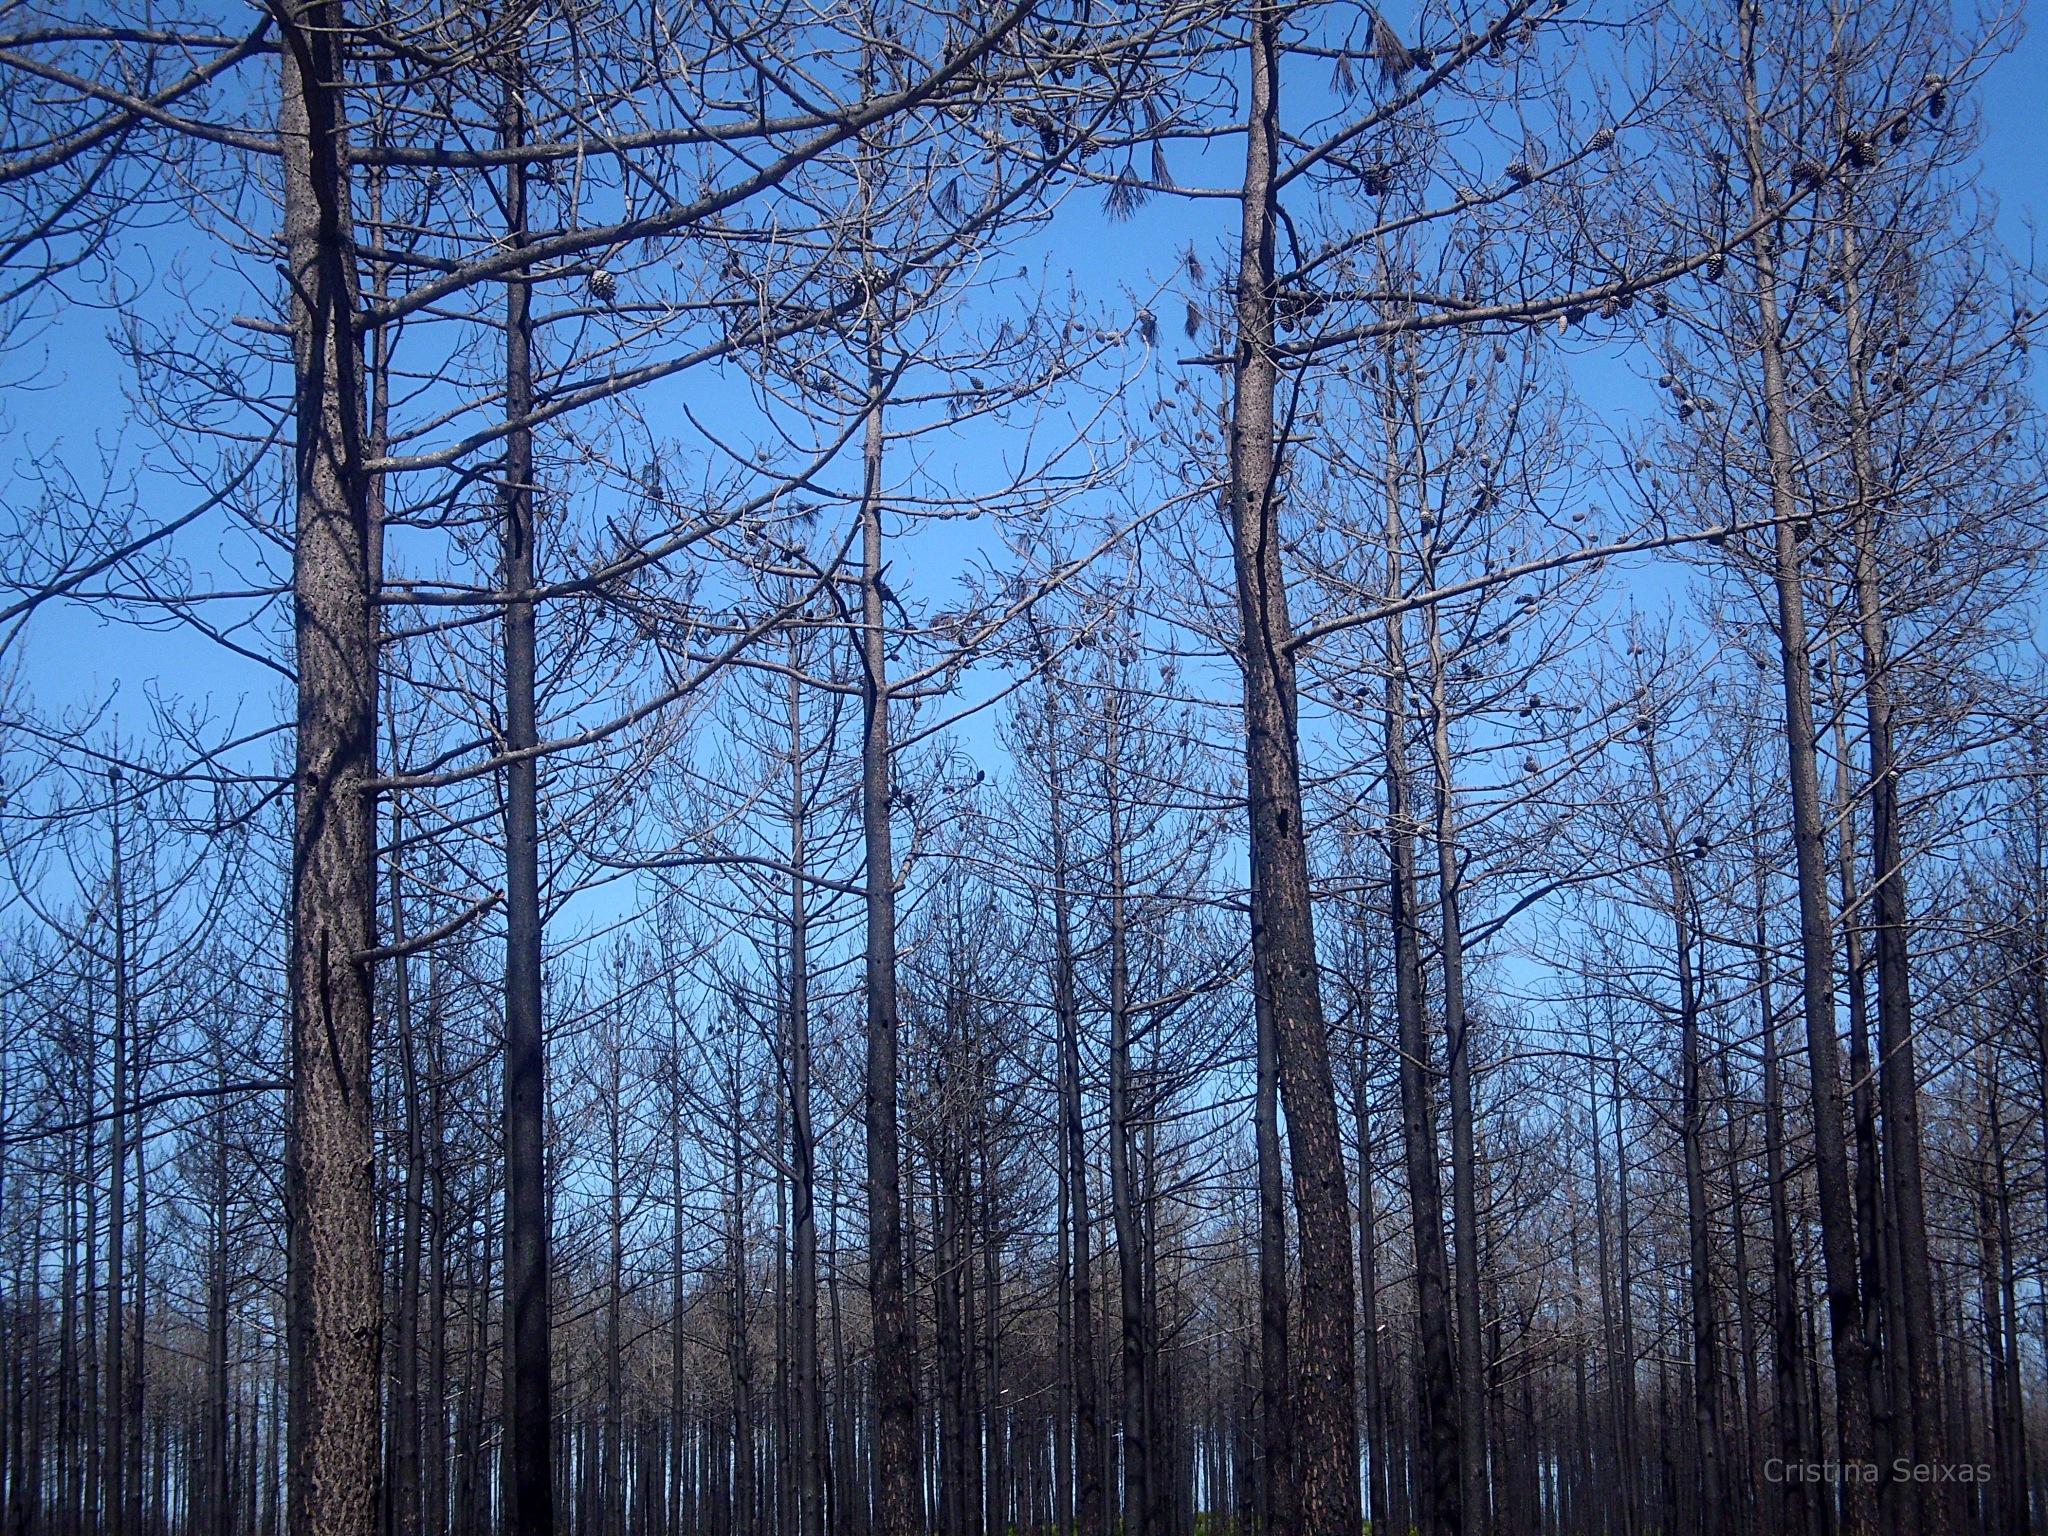 Pine trees by CristinaSeixas